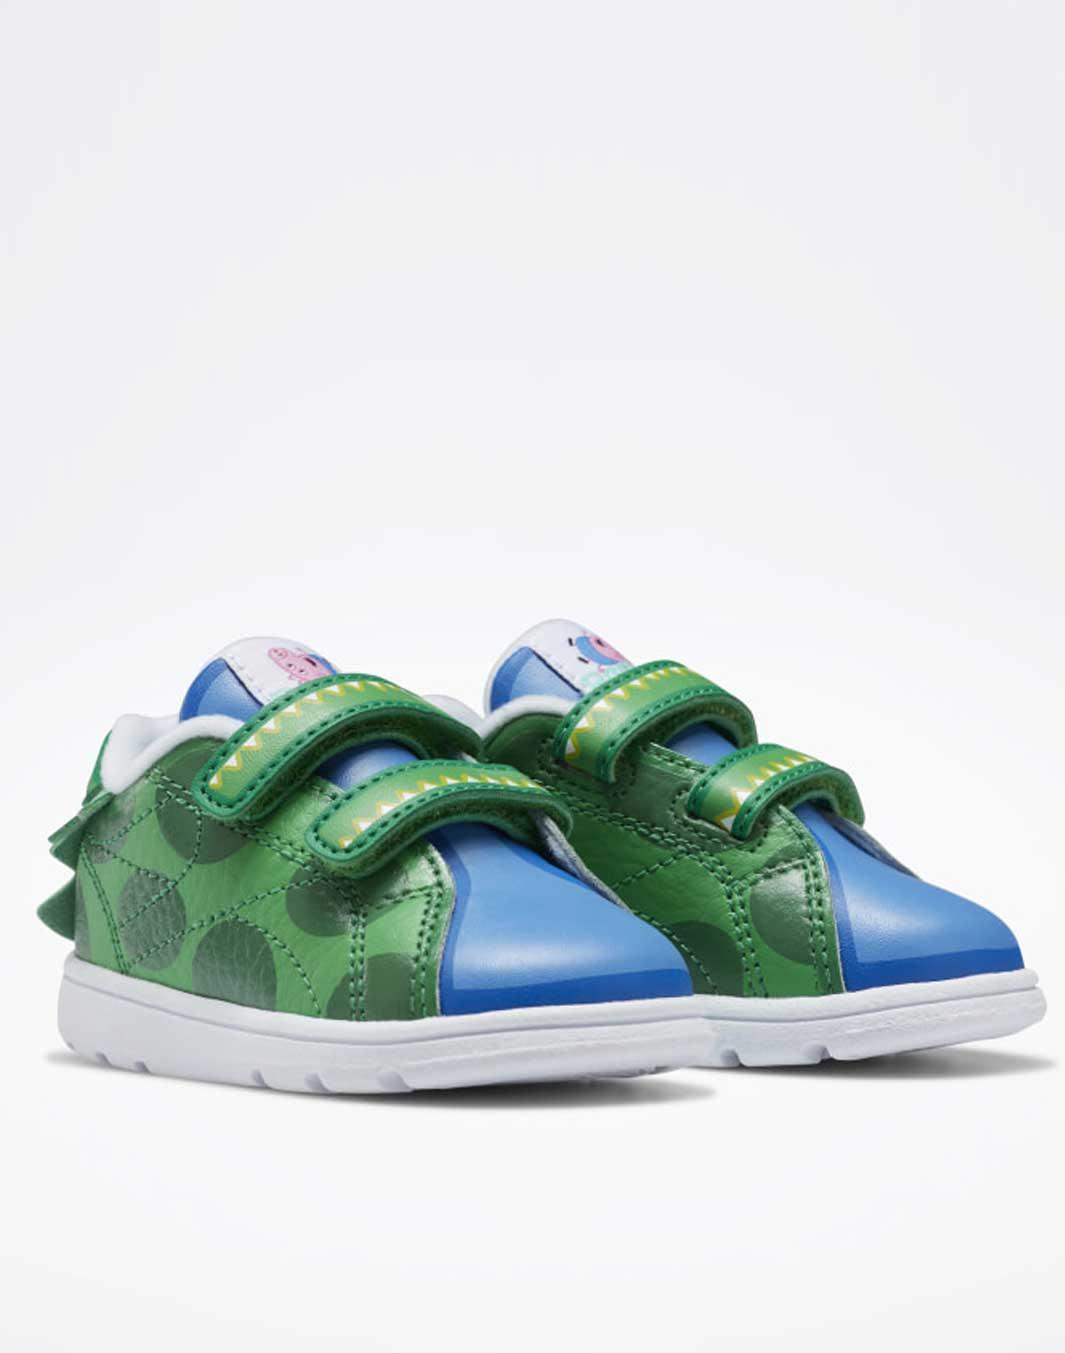 Shop Boys Shoes